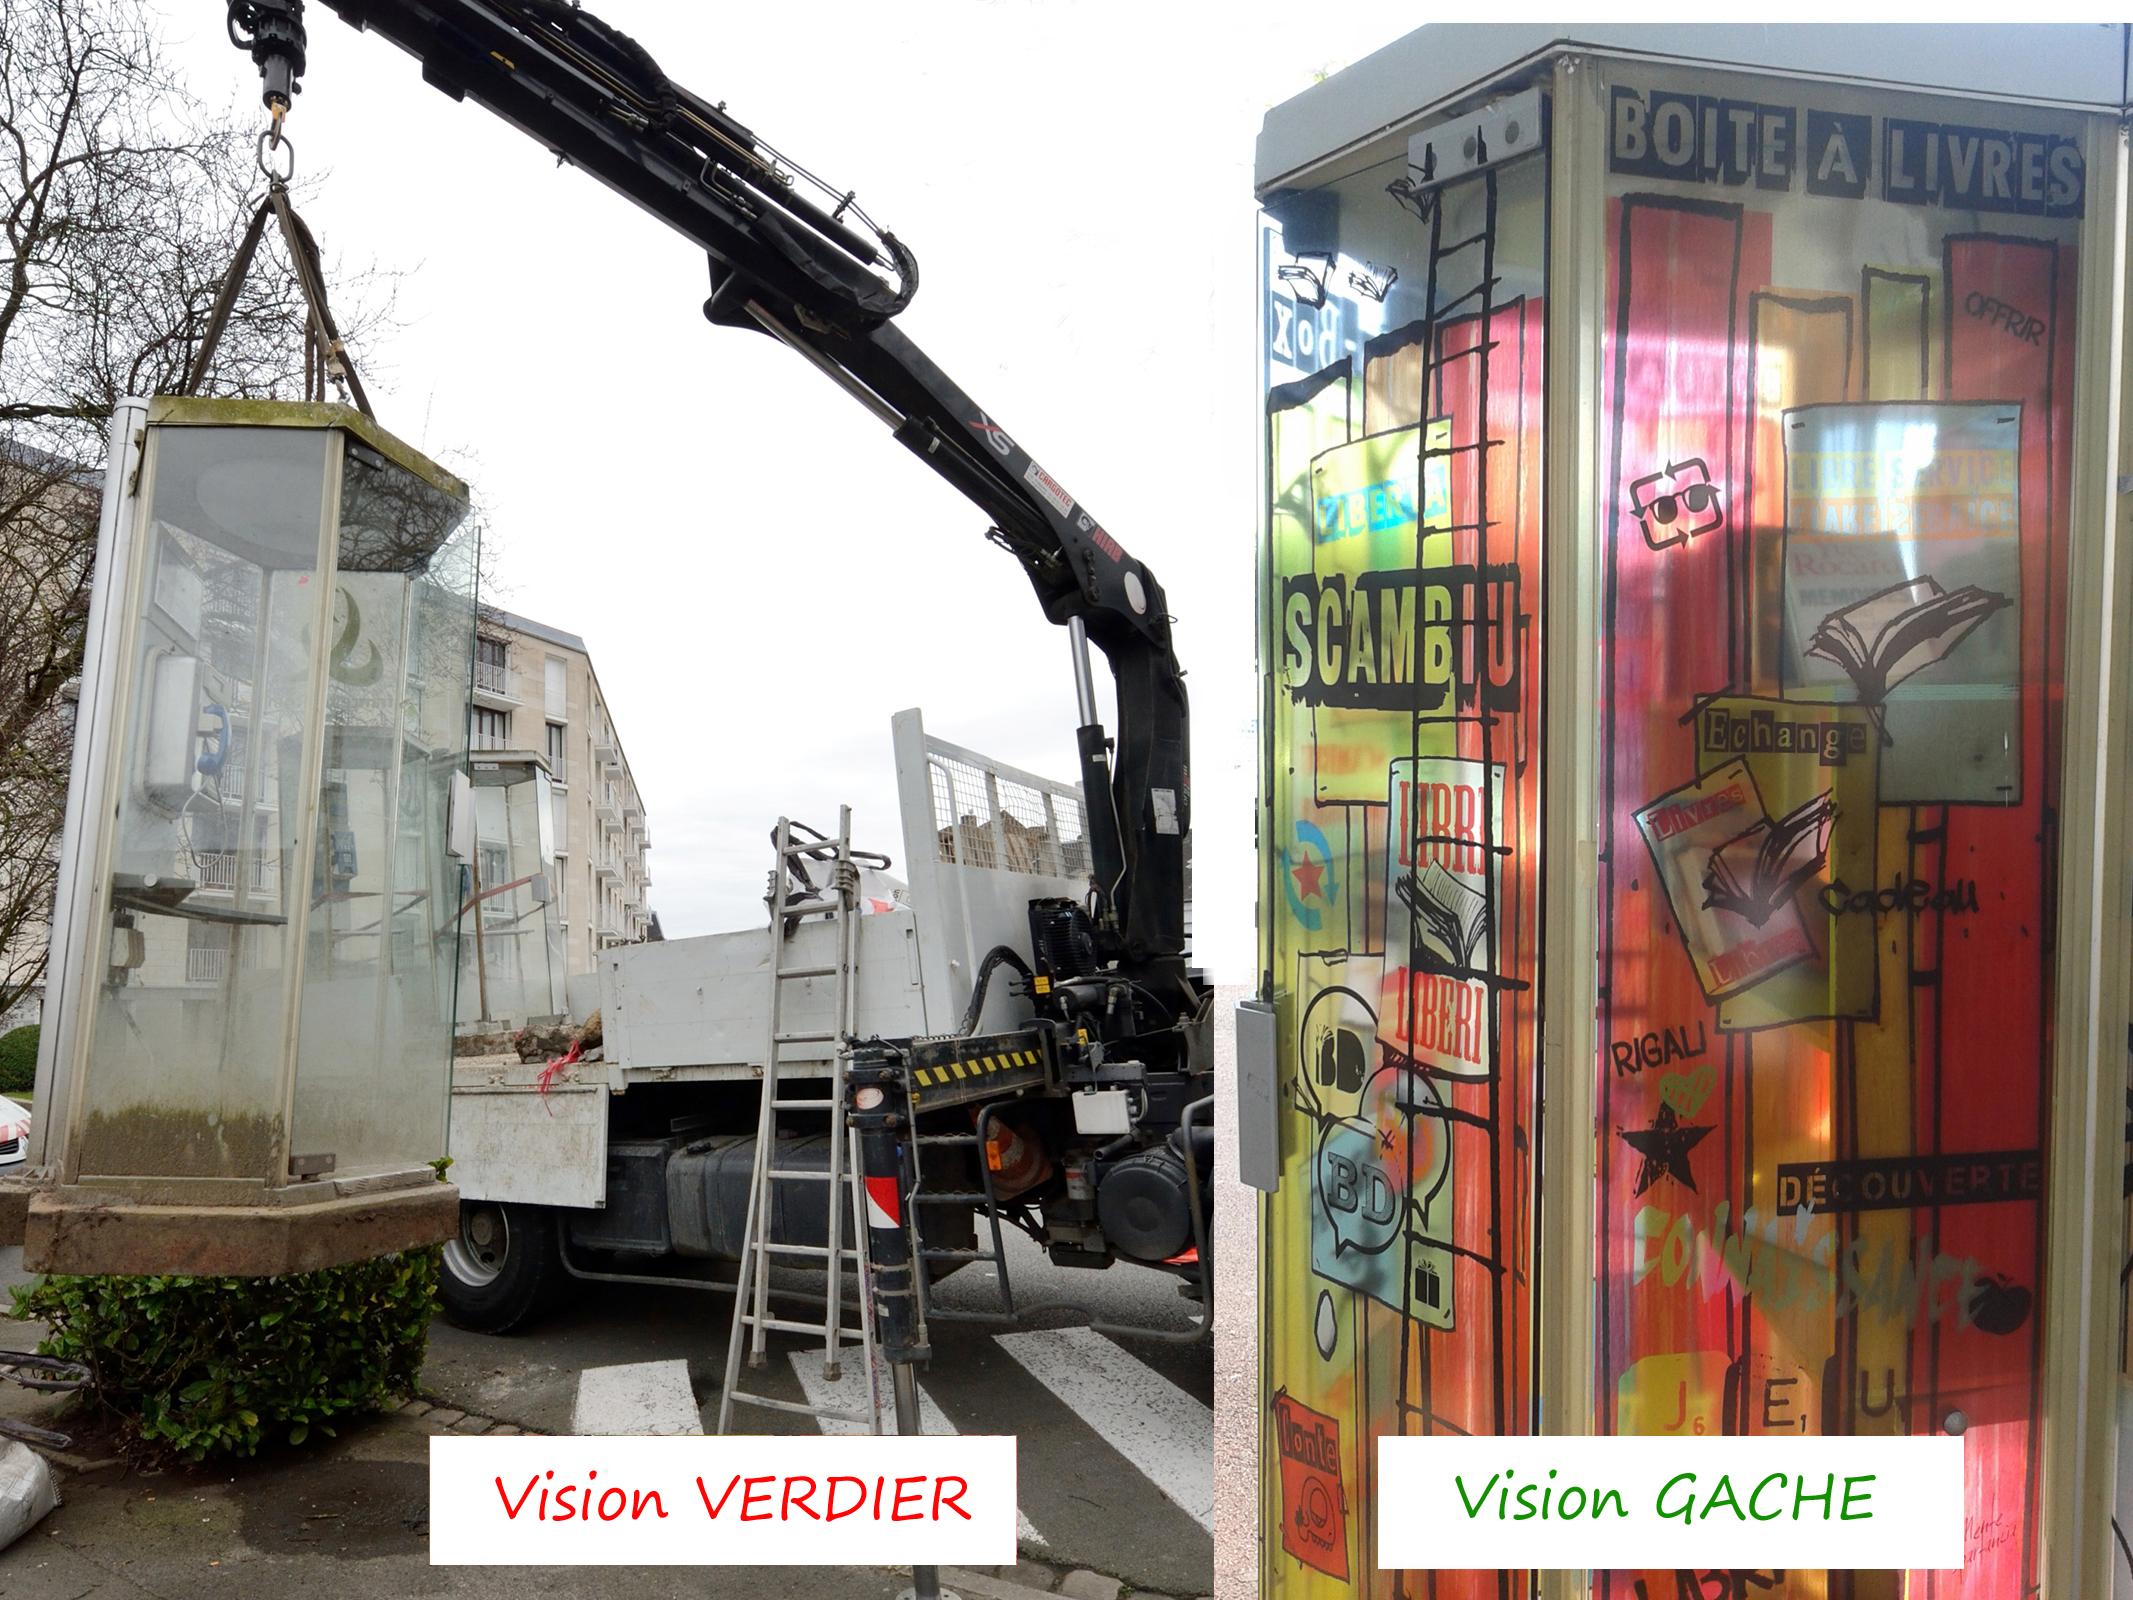 Cabines téléphoniques : Le projet F.VERDIER contre le projet C.GACHE où deux visions opposées de l'aménagement du territoire sur la 4ème circonscription